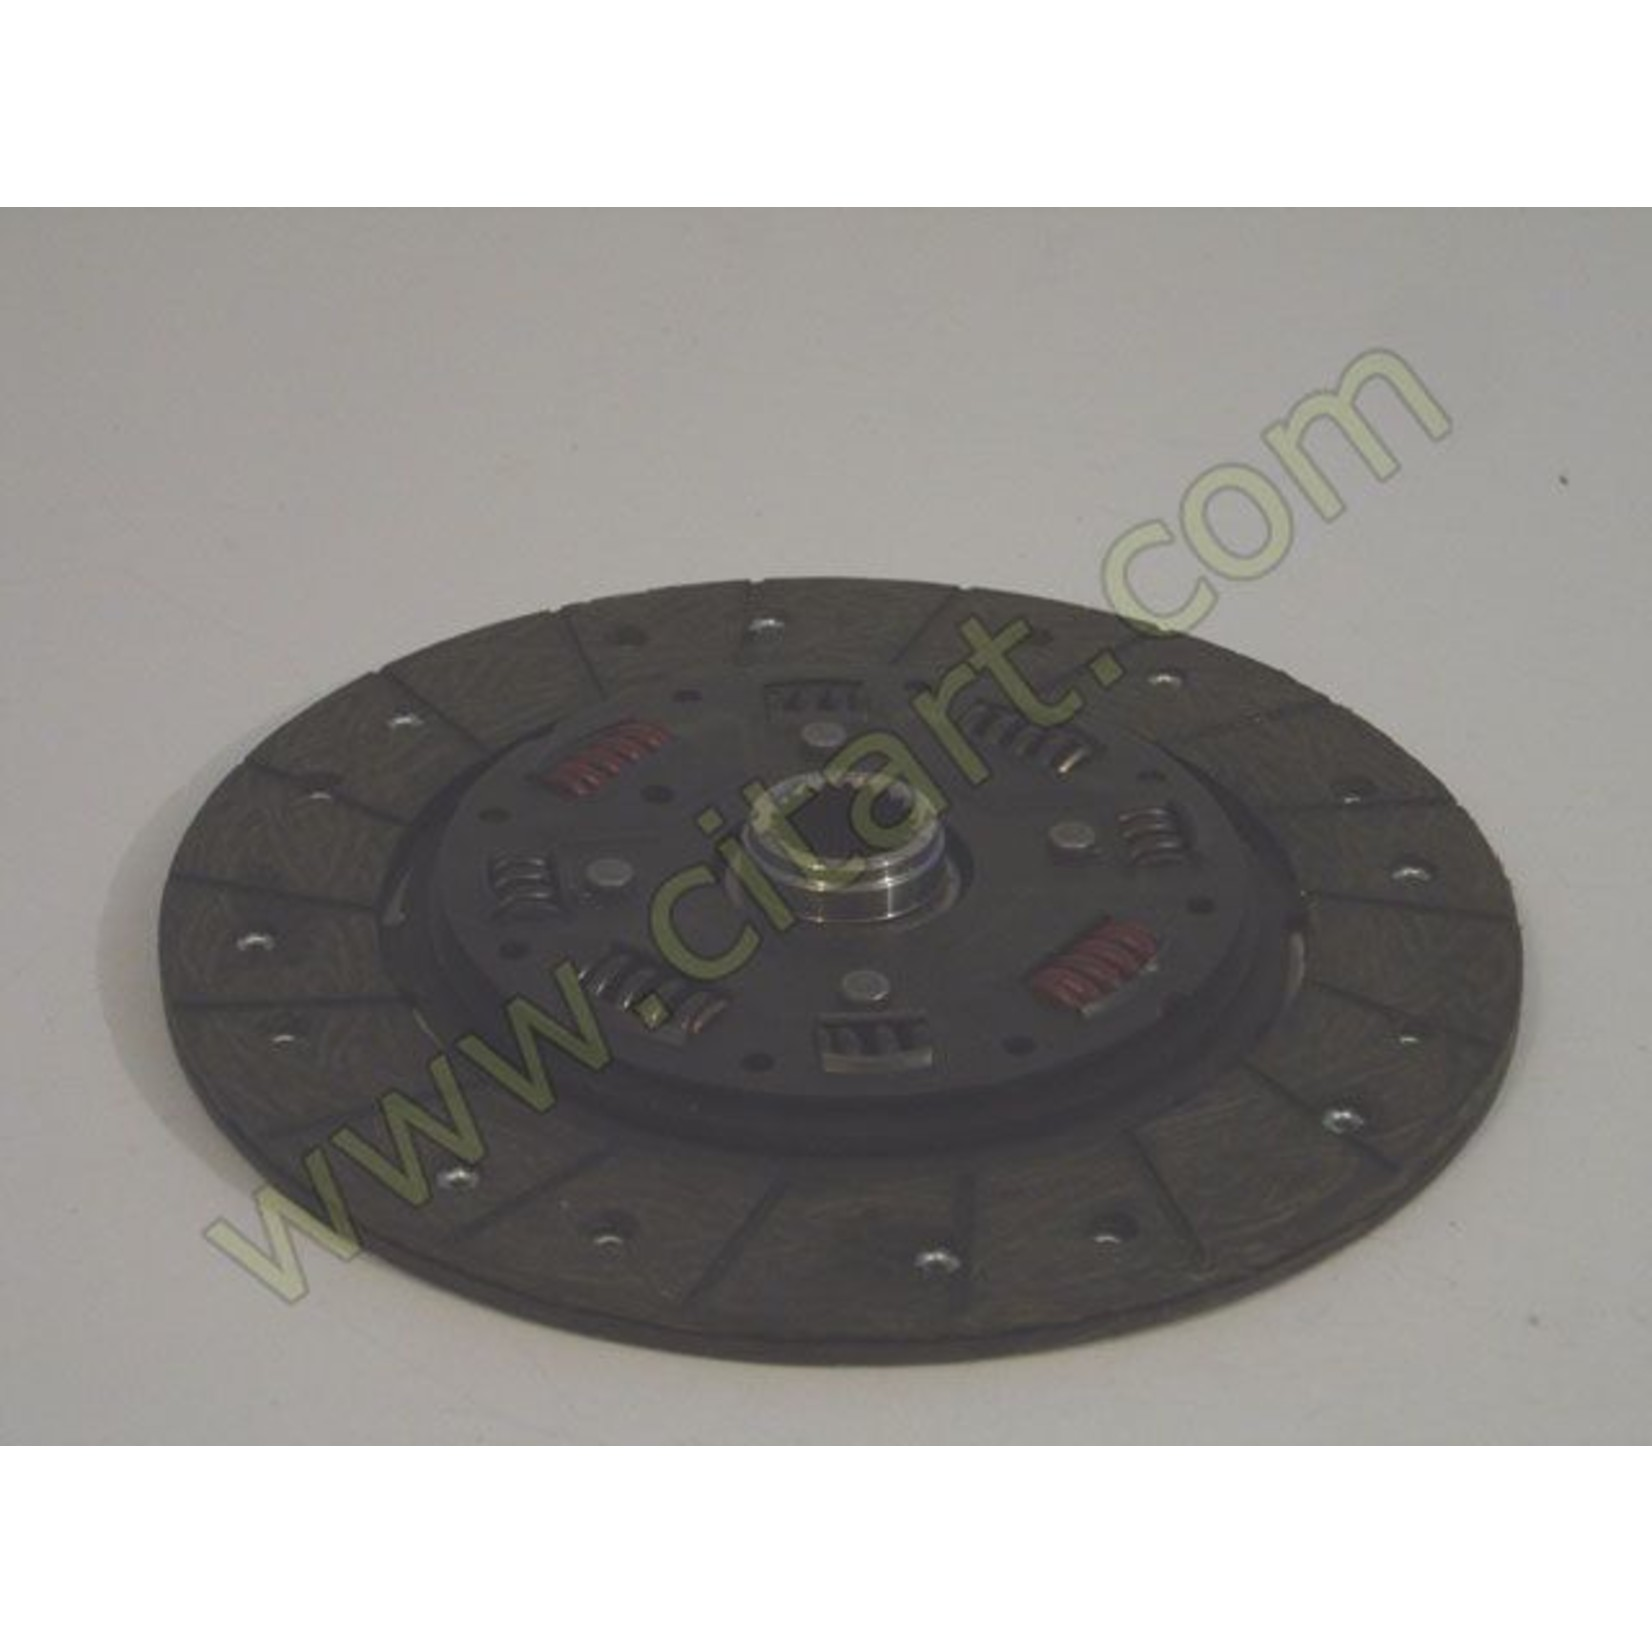 Disc plate 66- Nr Org: 5432504